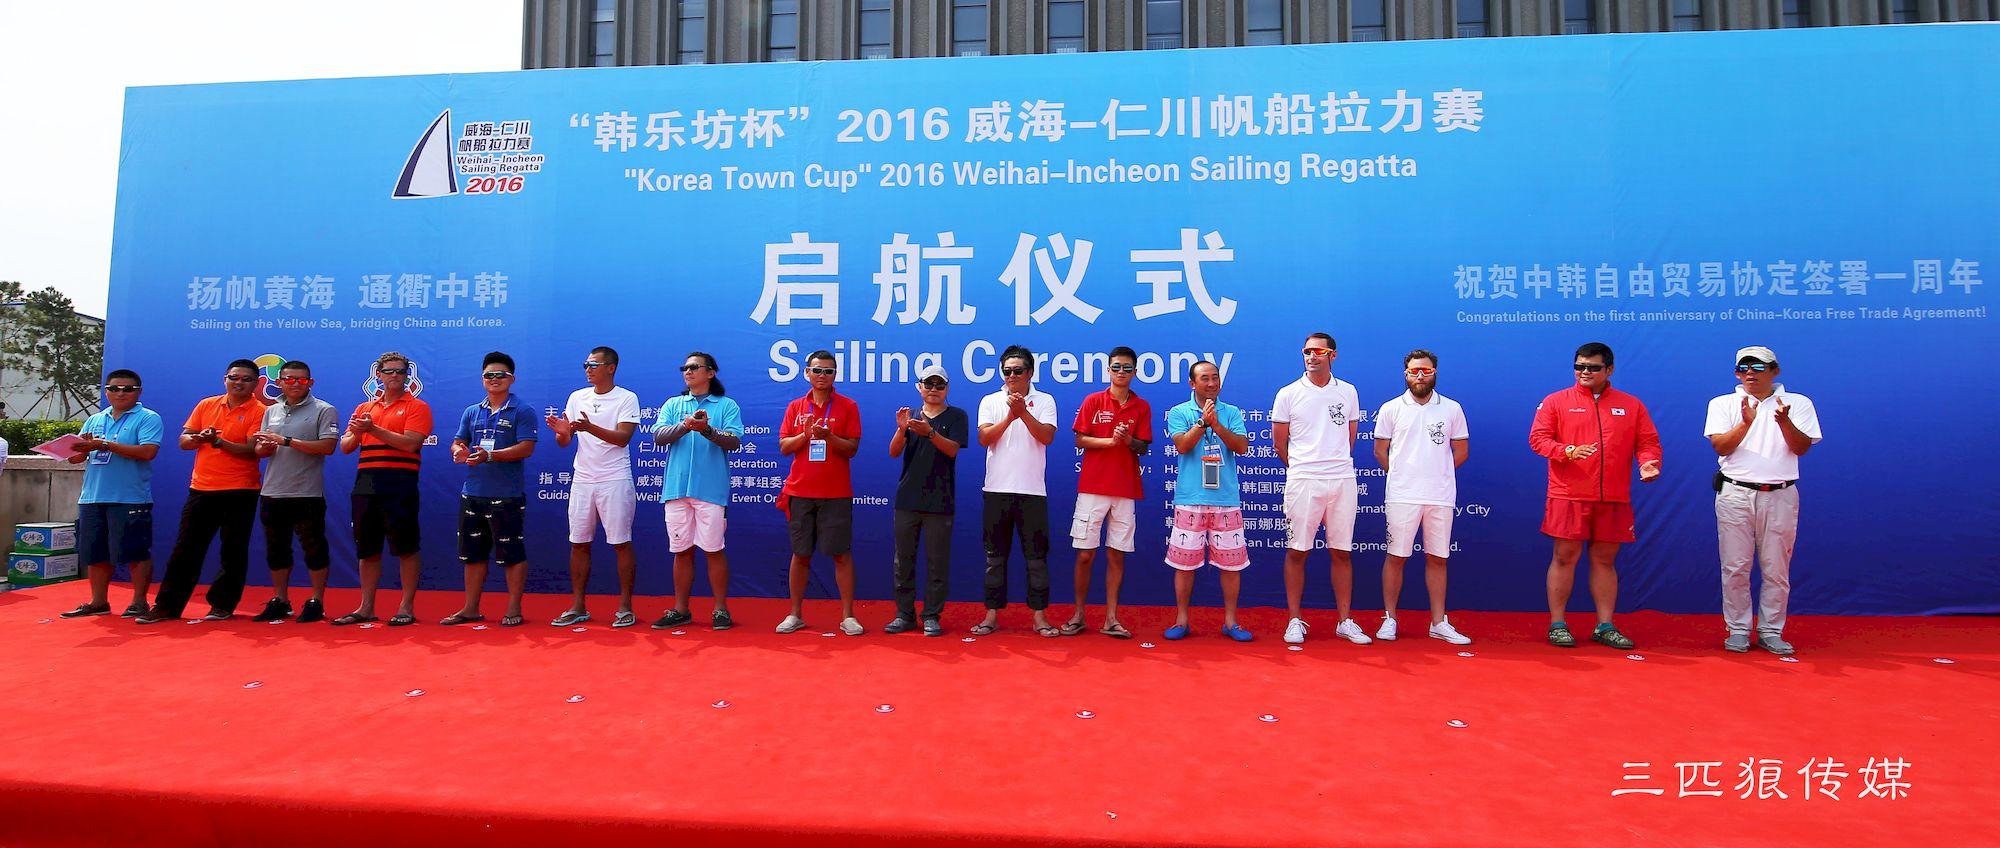 016-IMG_2919_千帆俱乐部我要航海网帆船队-2016威海-仁川国际帆船赛.JPG